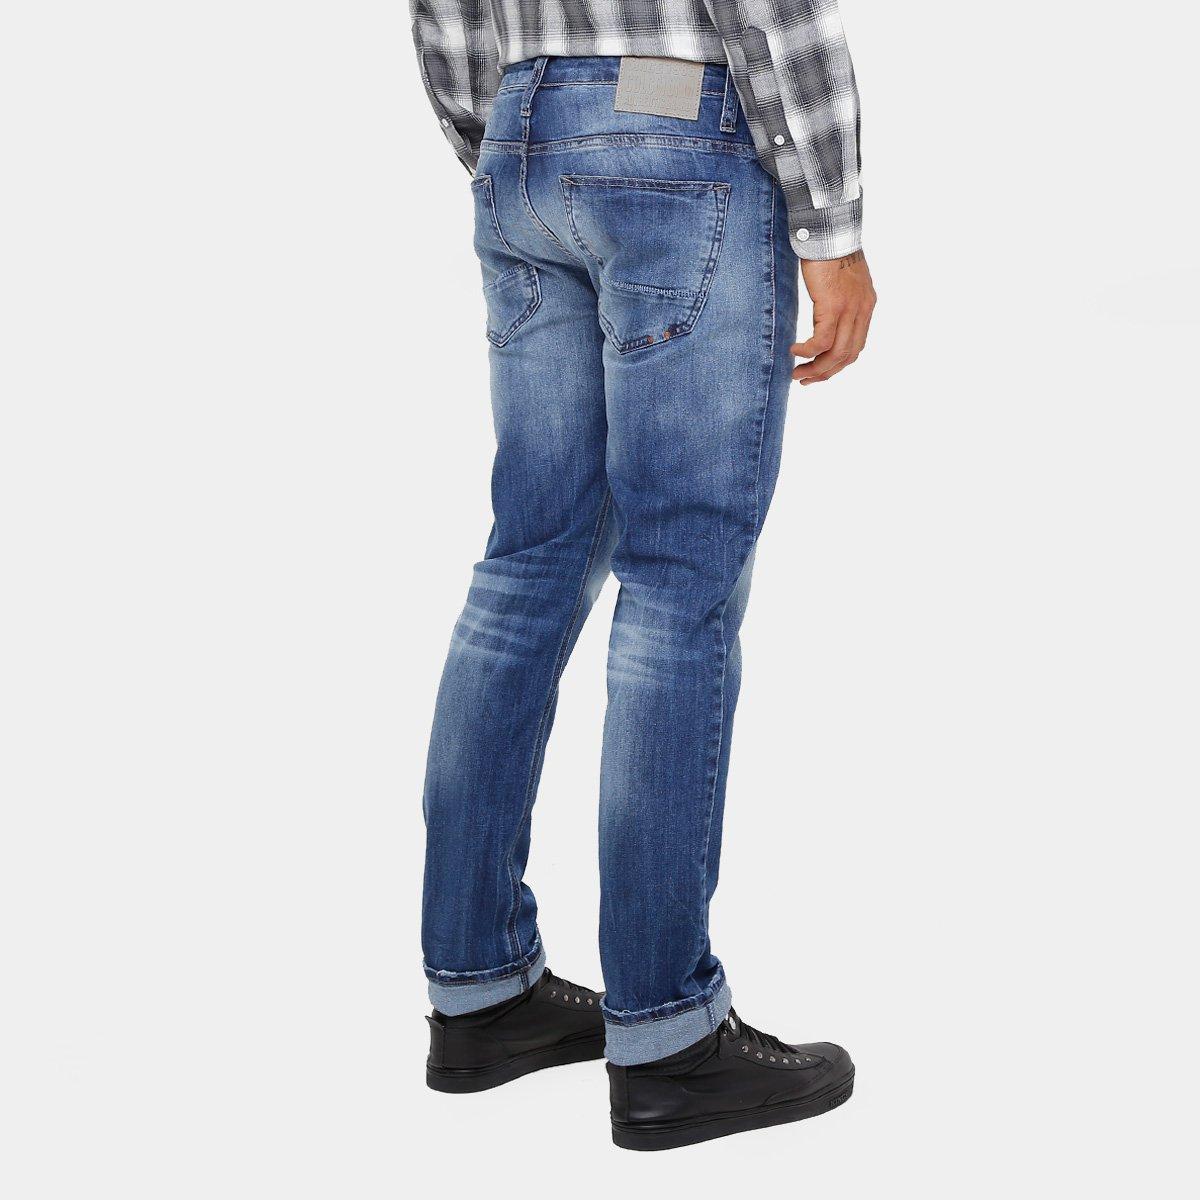 7208596e56 Calça Jeans Colcci Alex Indigo Masculina - Compre Agora